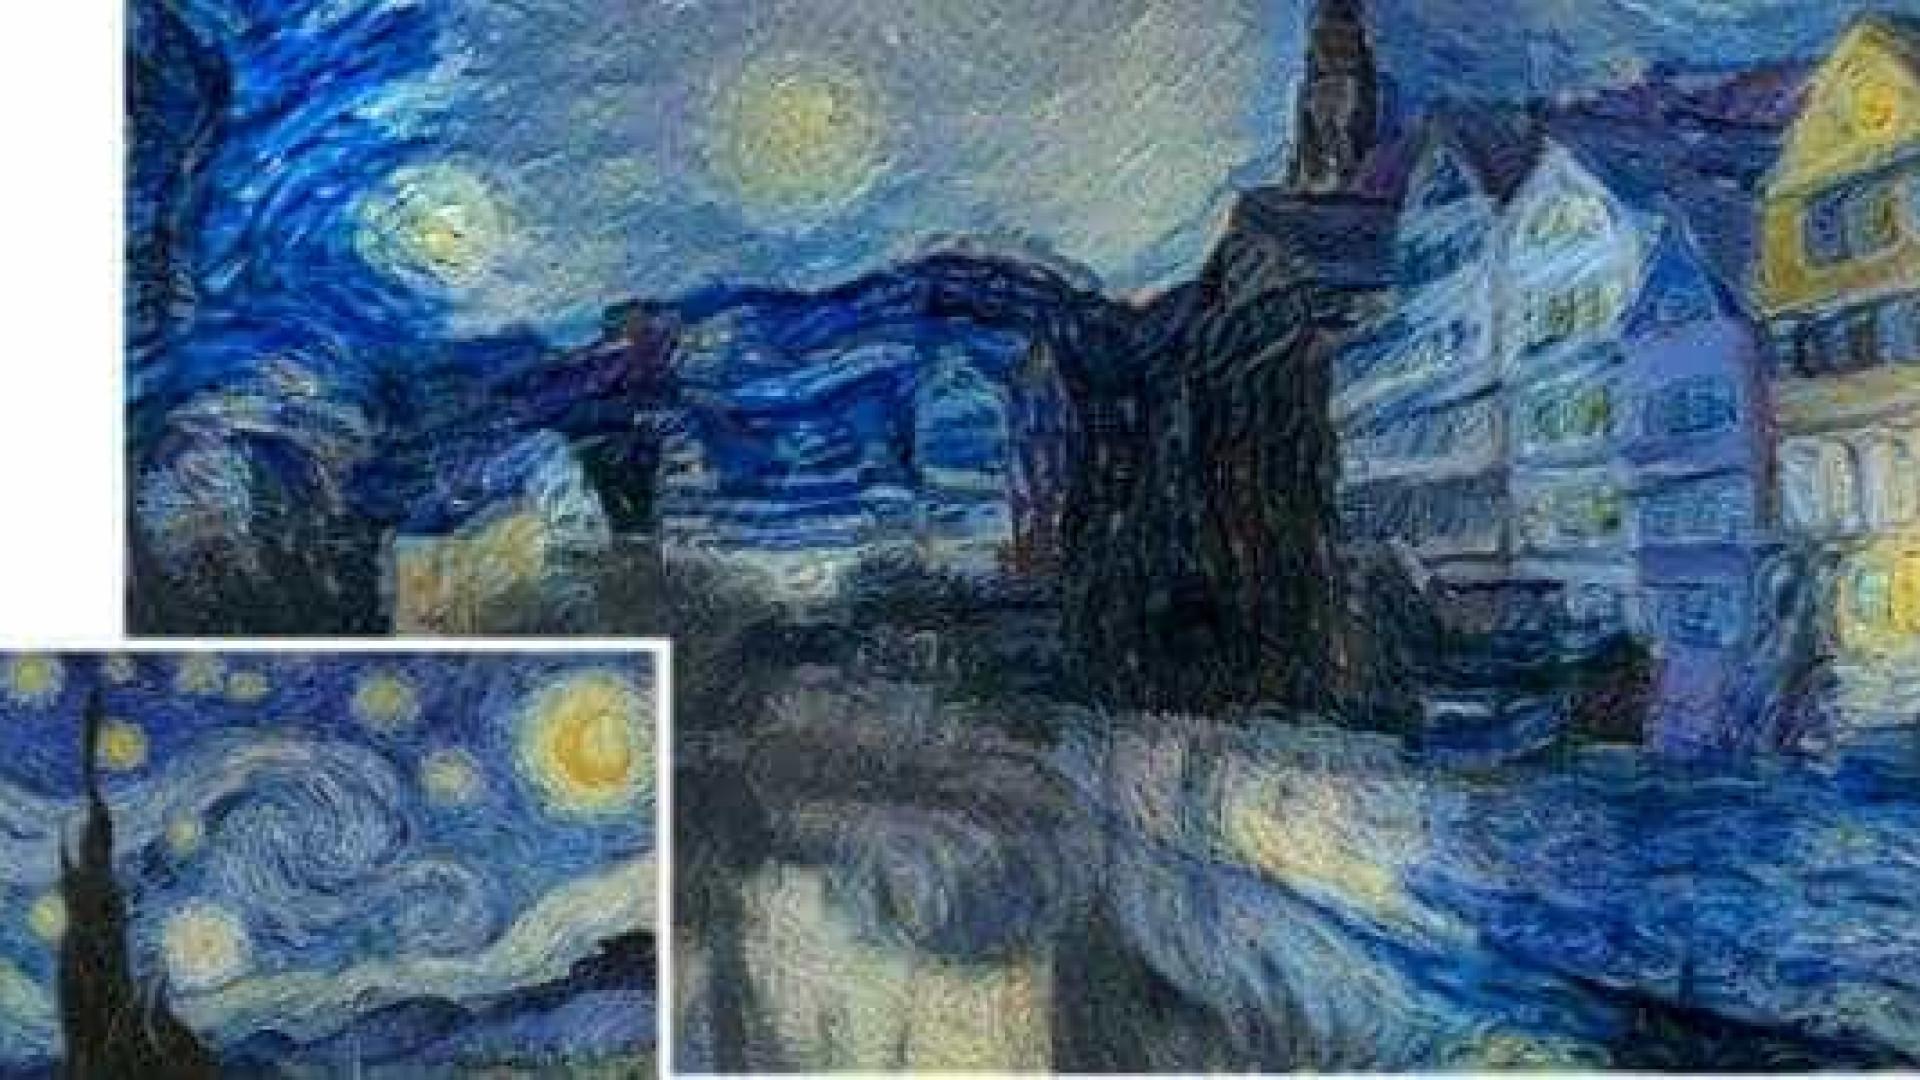 Talento de pintores famosos recriados com algoritmo